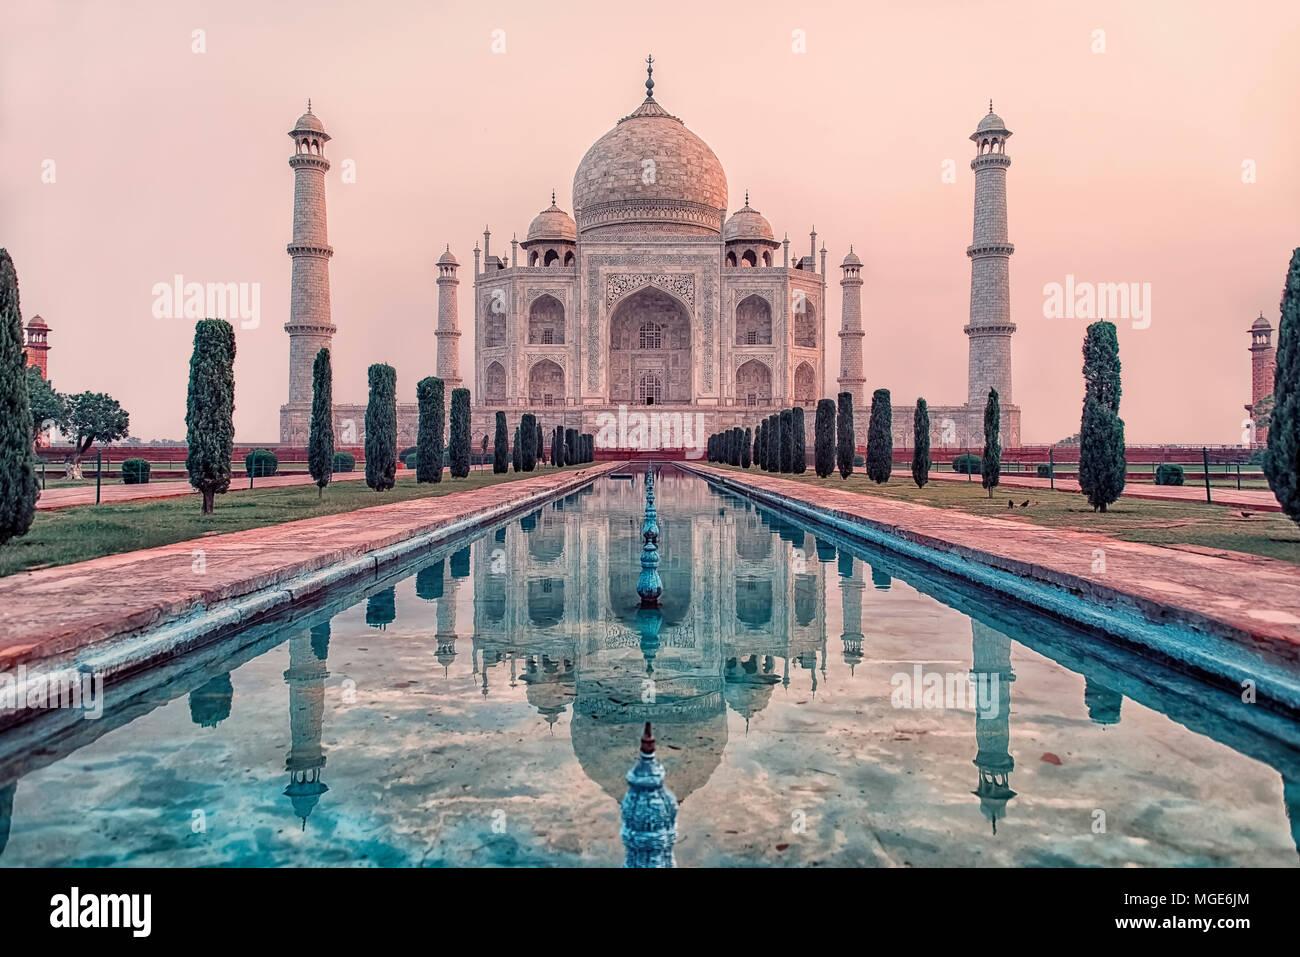 La luz del amanecer en el Taj Mahal, en Agra, India Imagen De Stock